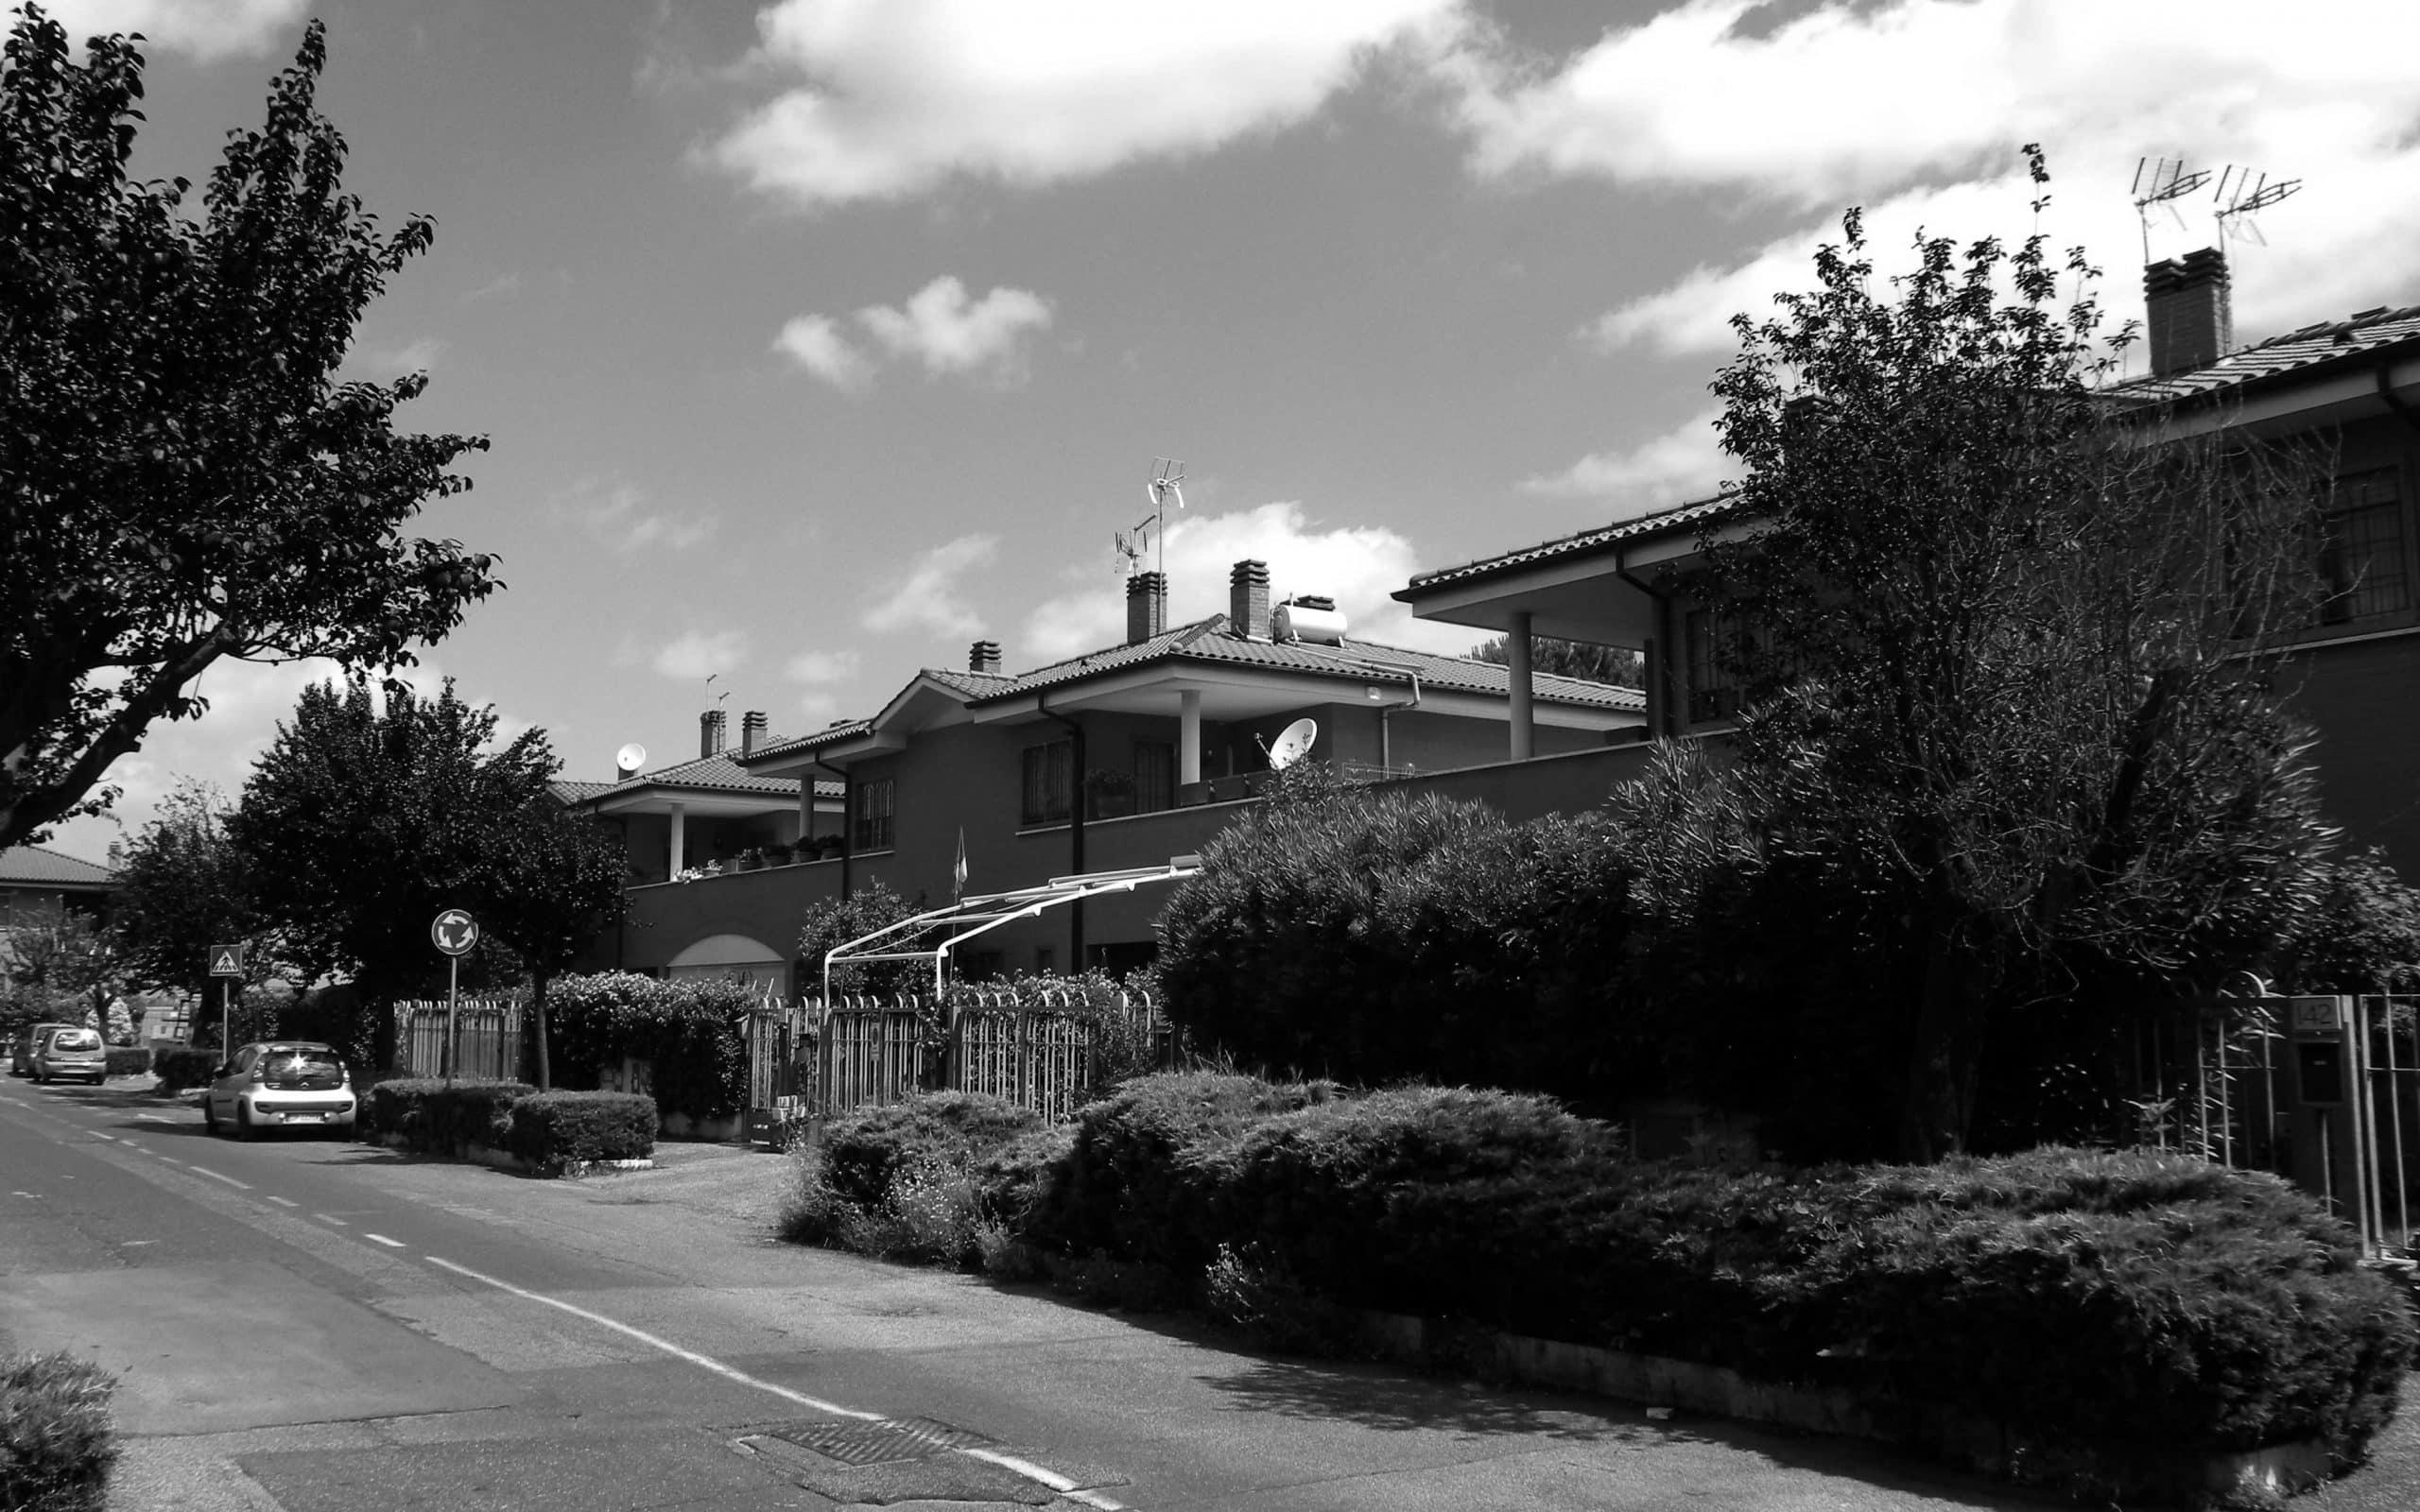 16 - Complesso residenziale di 21 villini a schiera nel PdZ Tor Bella Monaca, Roma - Vista esterna